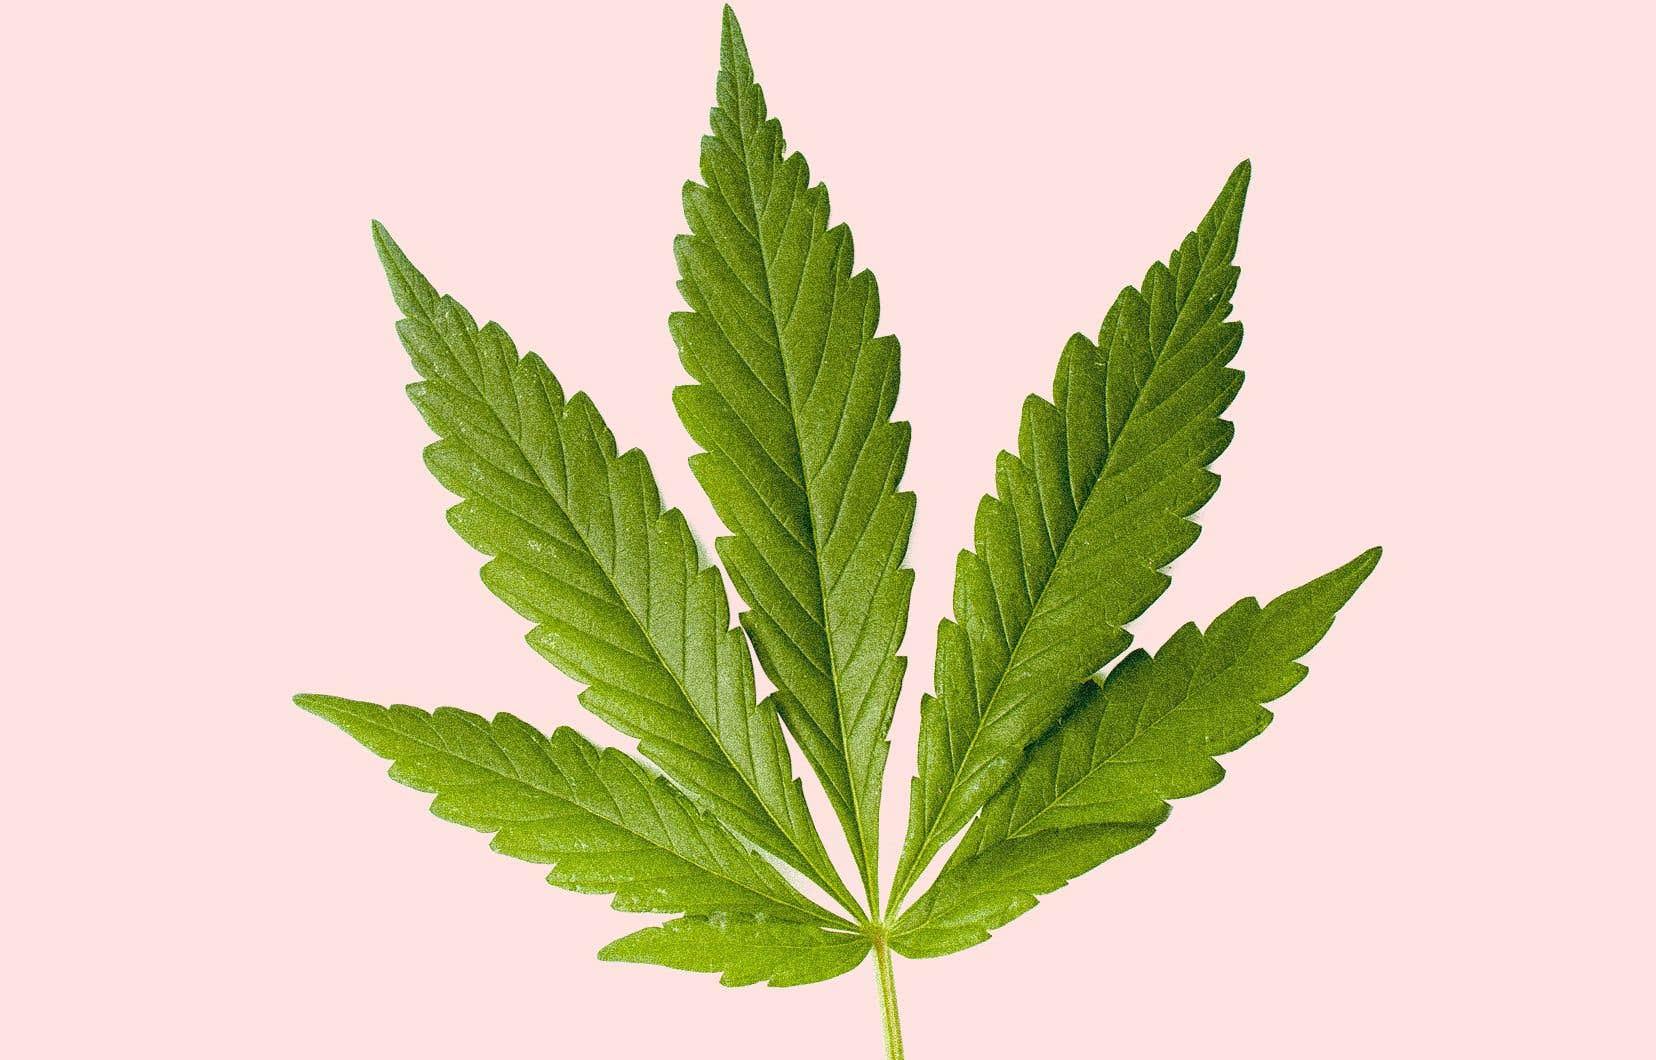 La mesure phare du gouvernement libéral en matière de droit criminel demeure la légalisation de la marijuana, qui fêtera son premier anniversaire en pleine campagne électorale, le 17octobre.